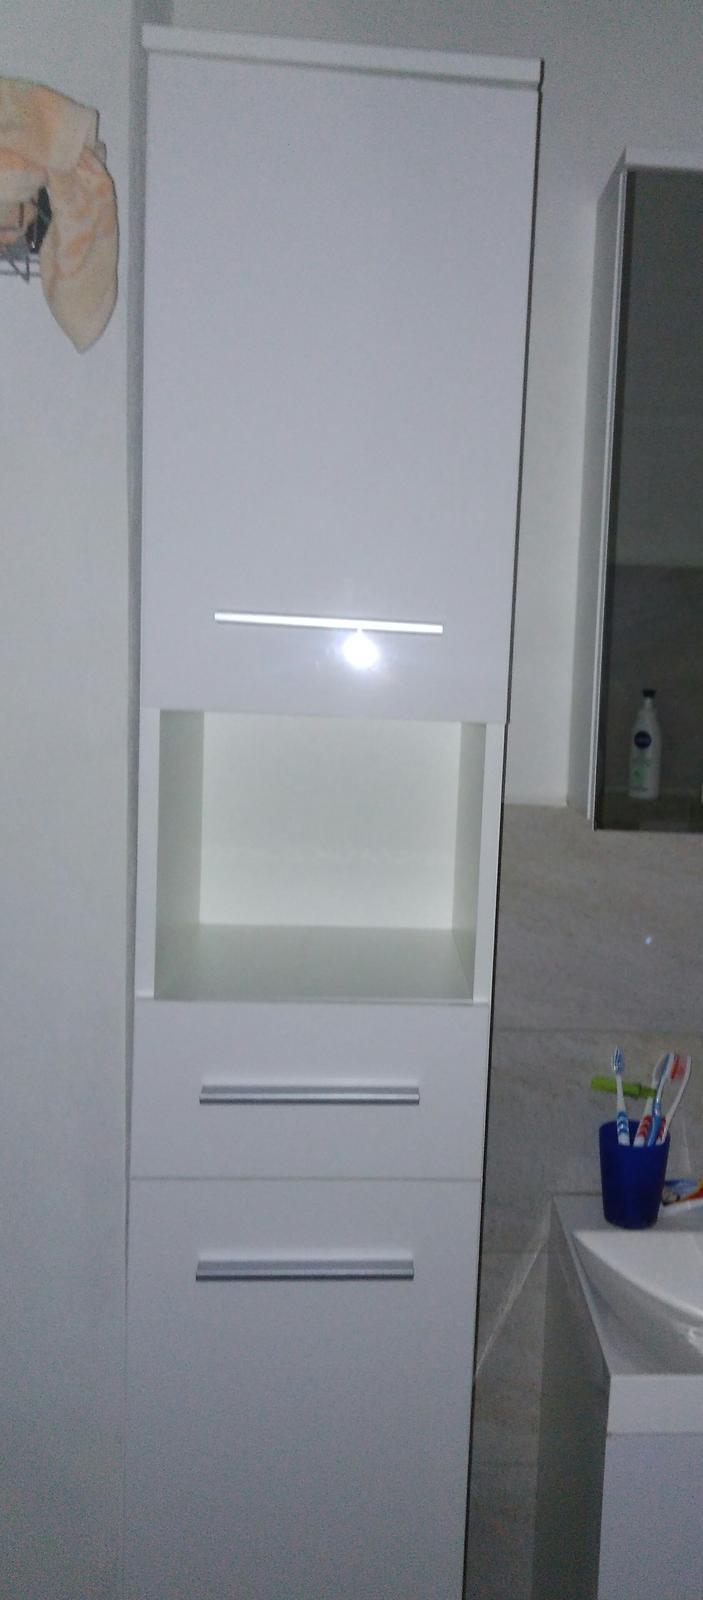 Nábytok do kúpelne - Obrázok č. 3